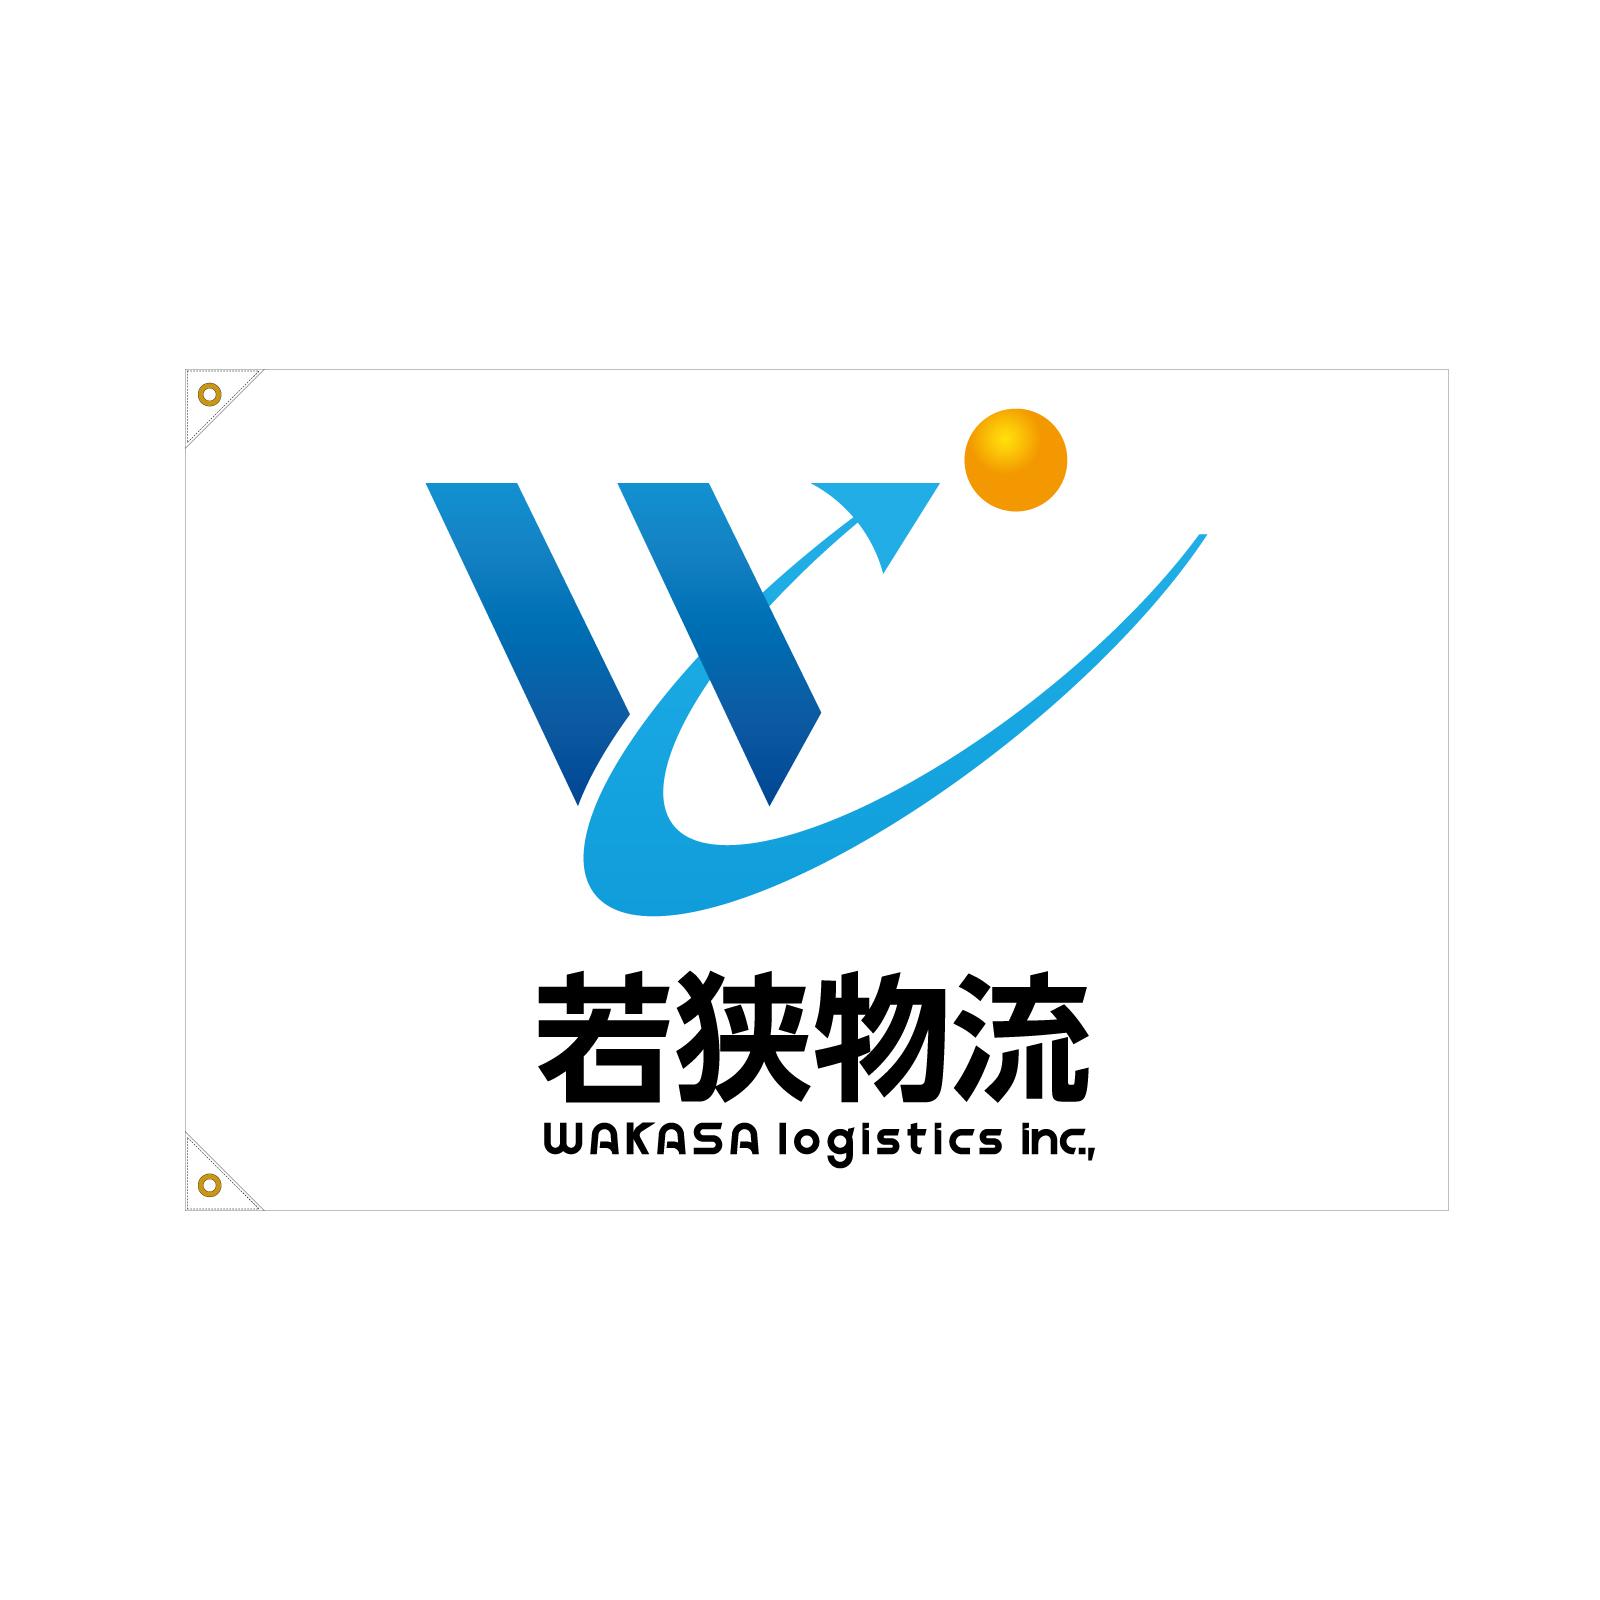 会社ロゴの旗